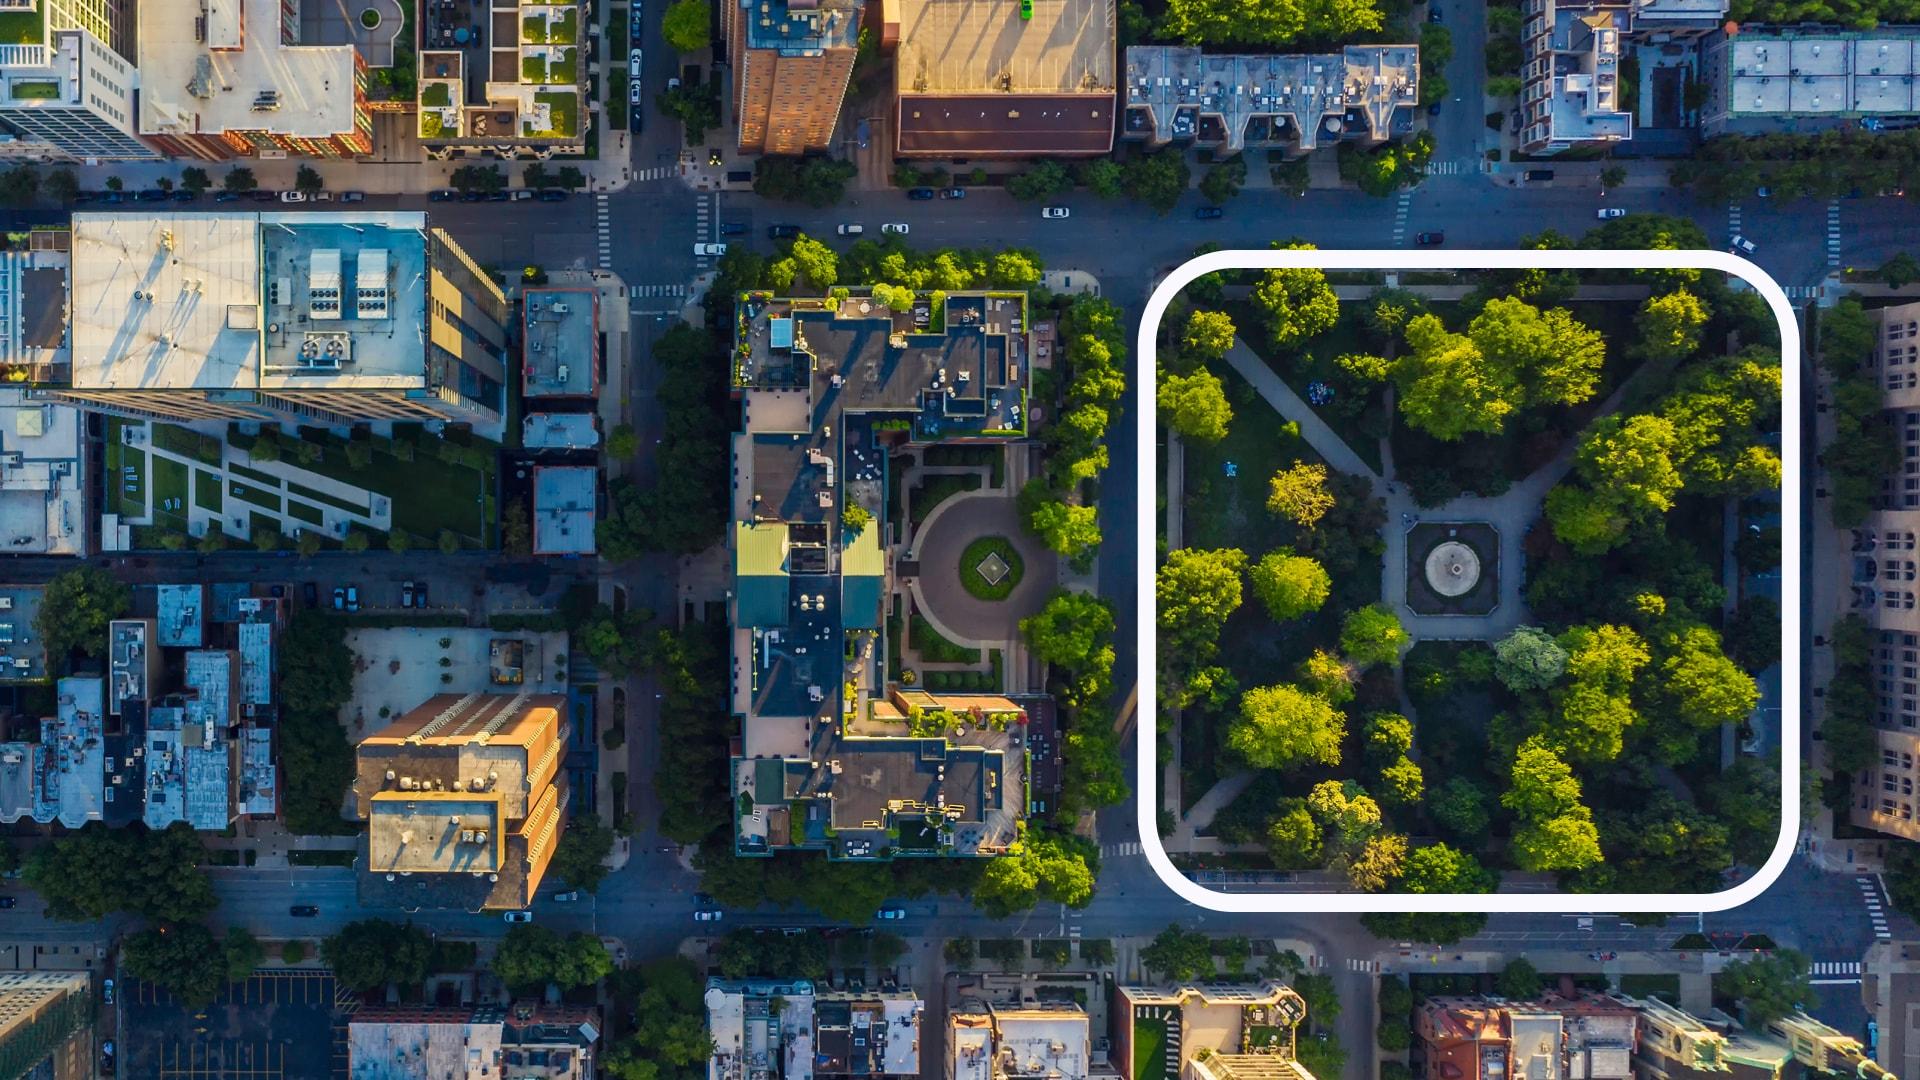 Plano aéreo de una ciudad donde se marca una manzana